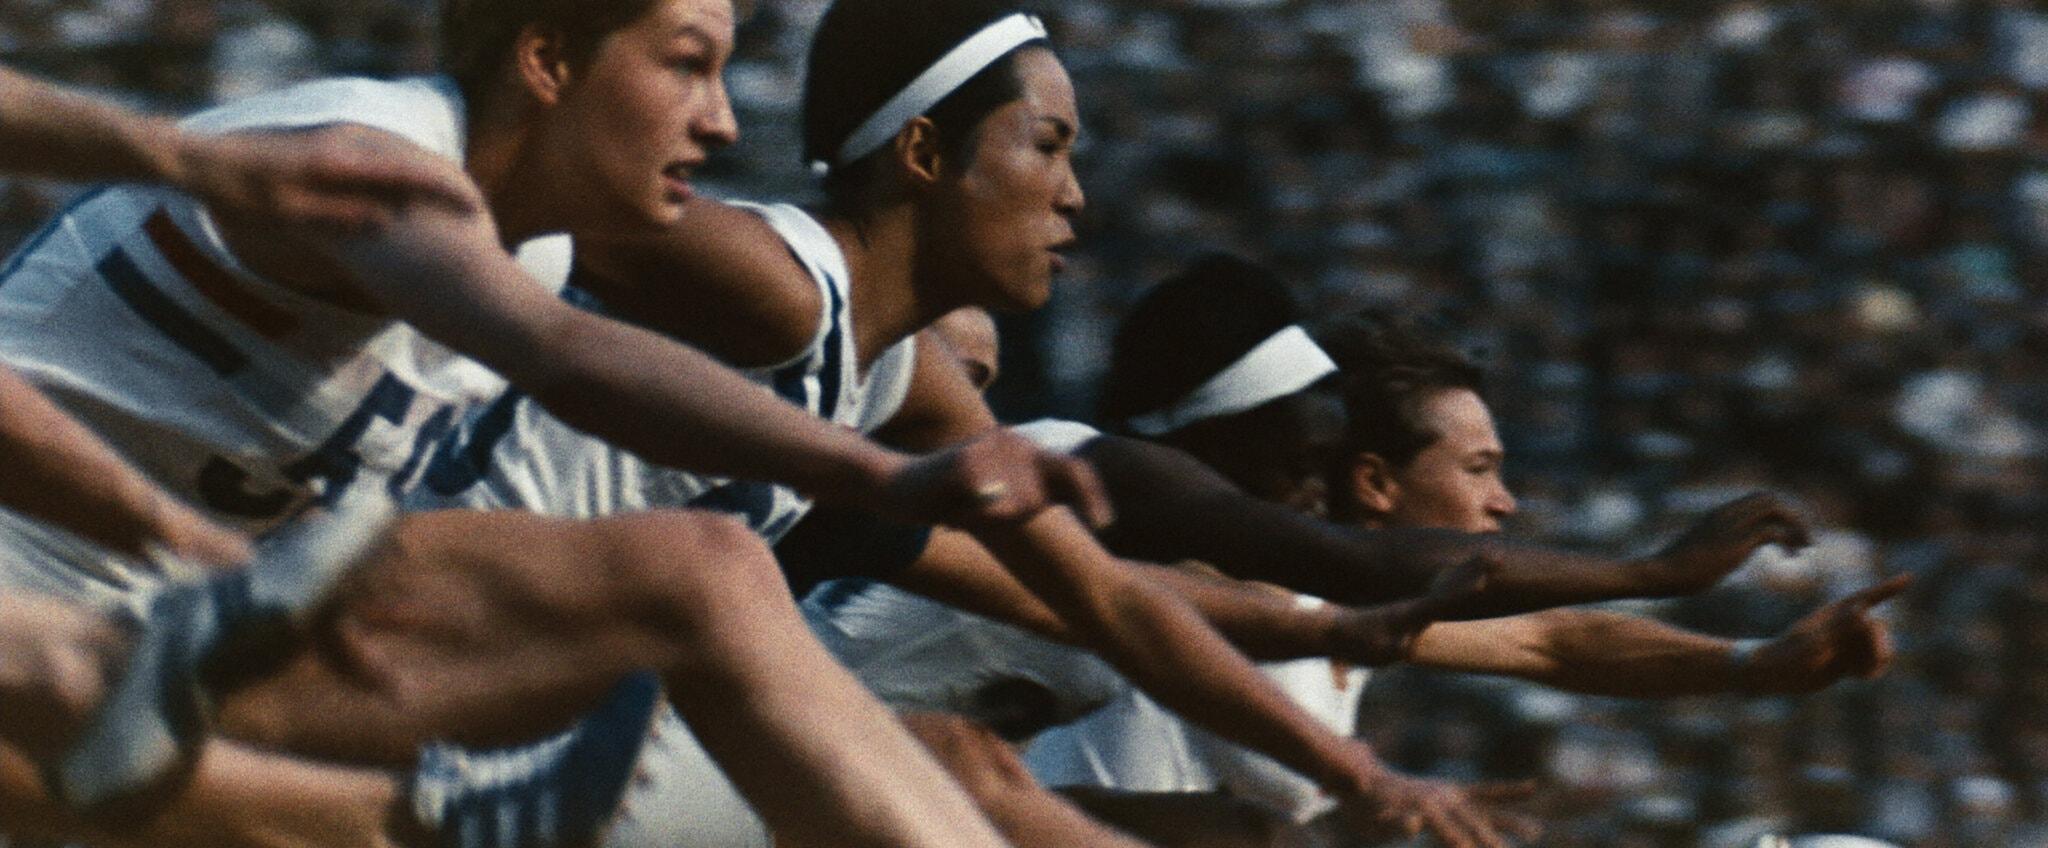 纪录片《东京奥运会》中的场景